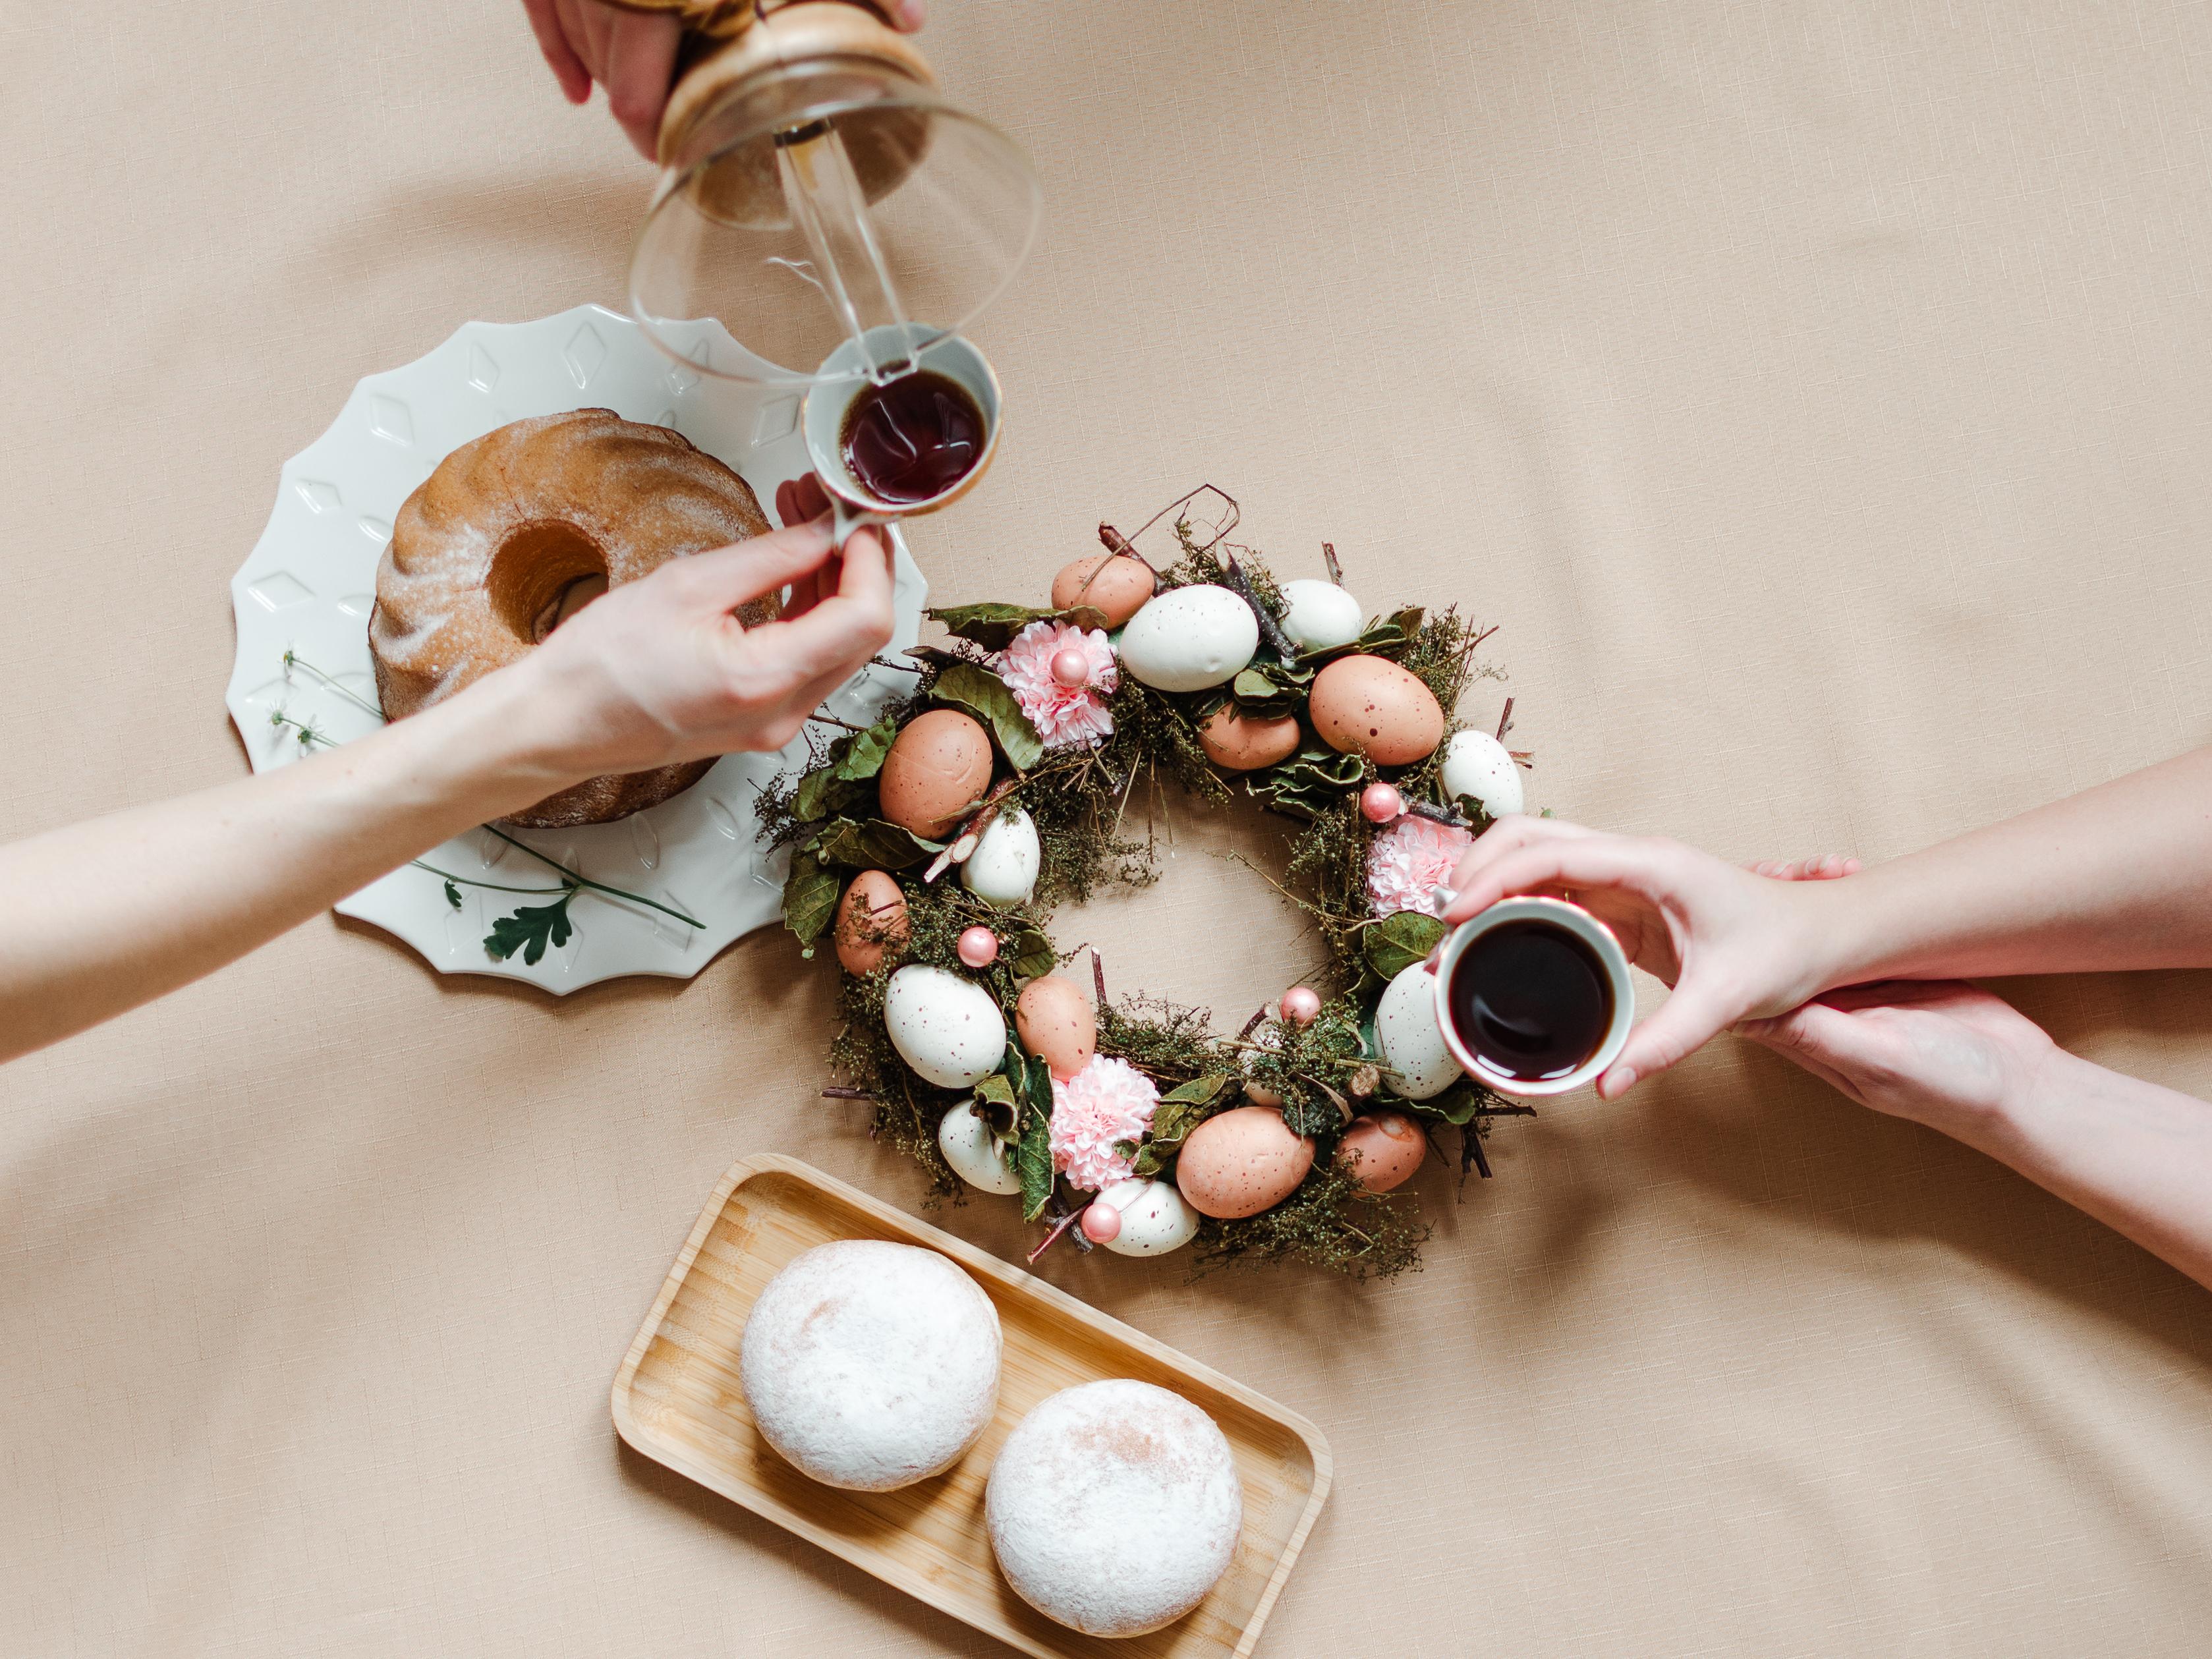 Veľkonočné zvyky a tradície: známe aj tie menej známe